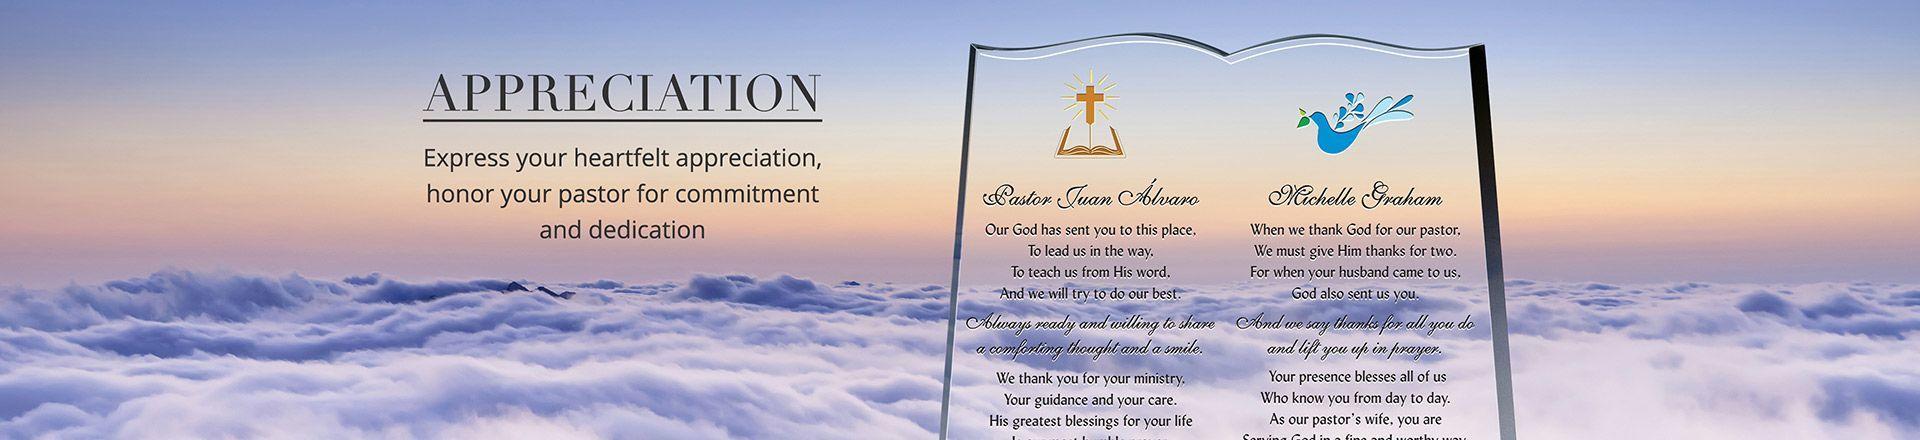 Pastor Appreciation Gifts & Ordination Gift Ideas | DIY Awards